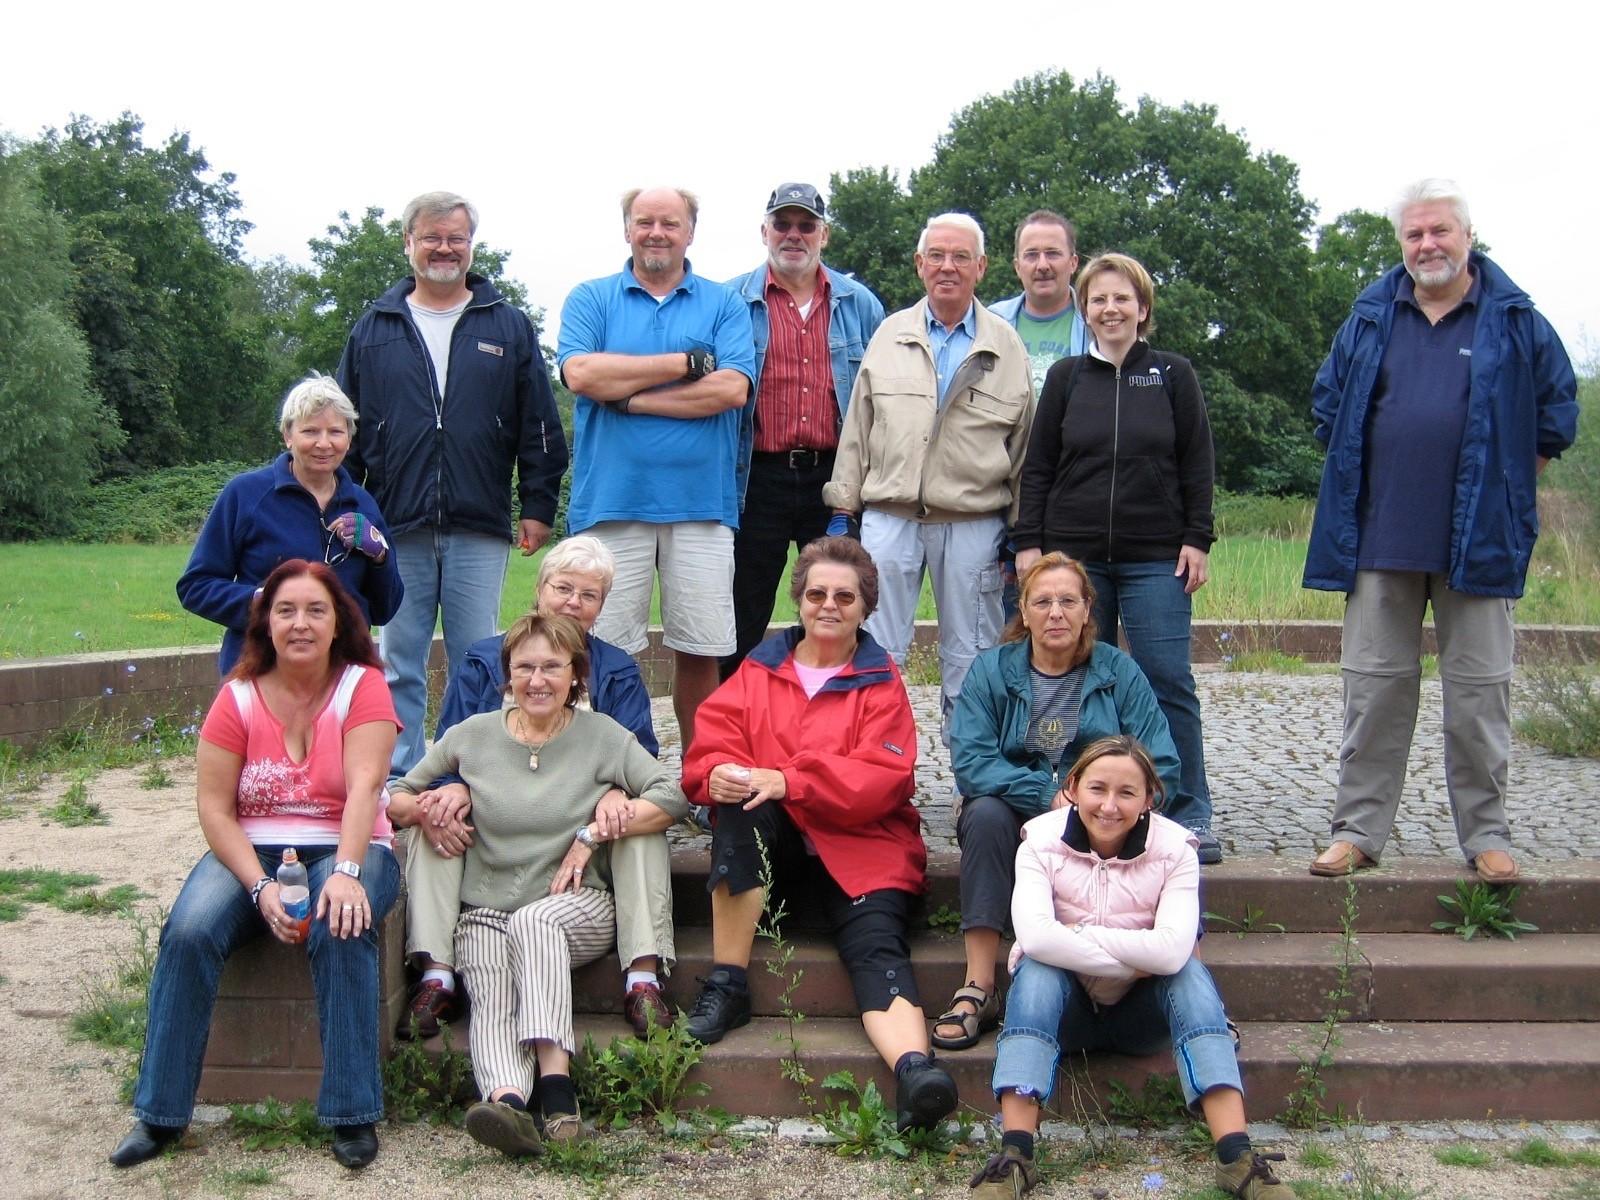 Alljährliche Fahrrad-Tour der SPD-Nied mit Freunden